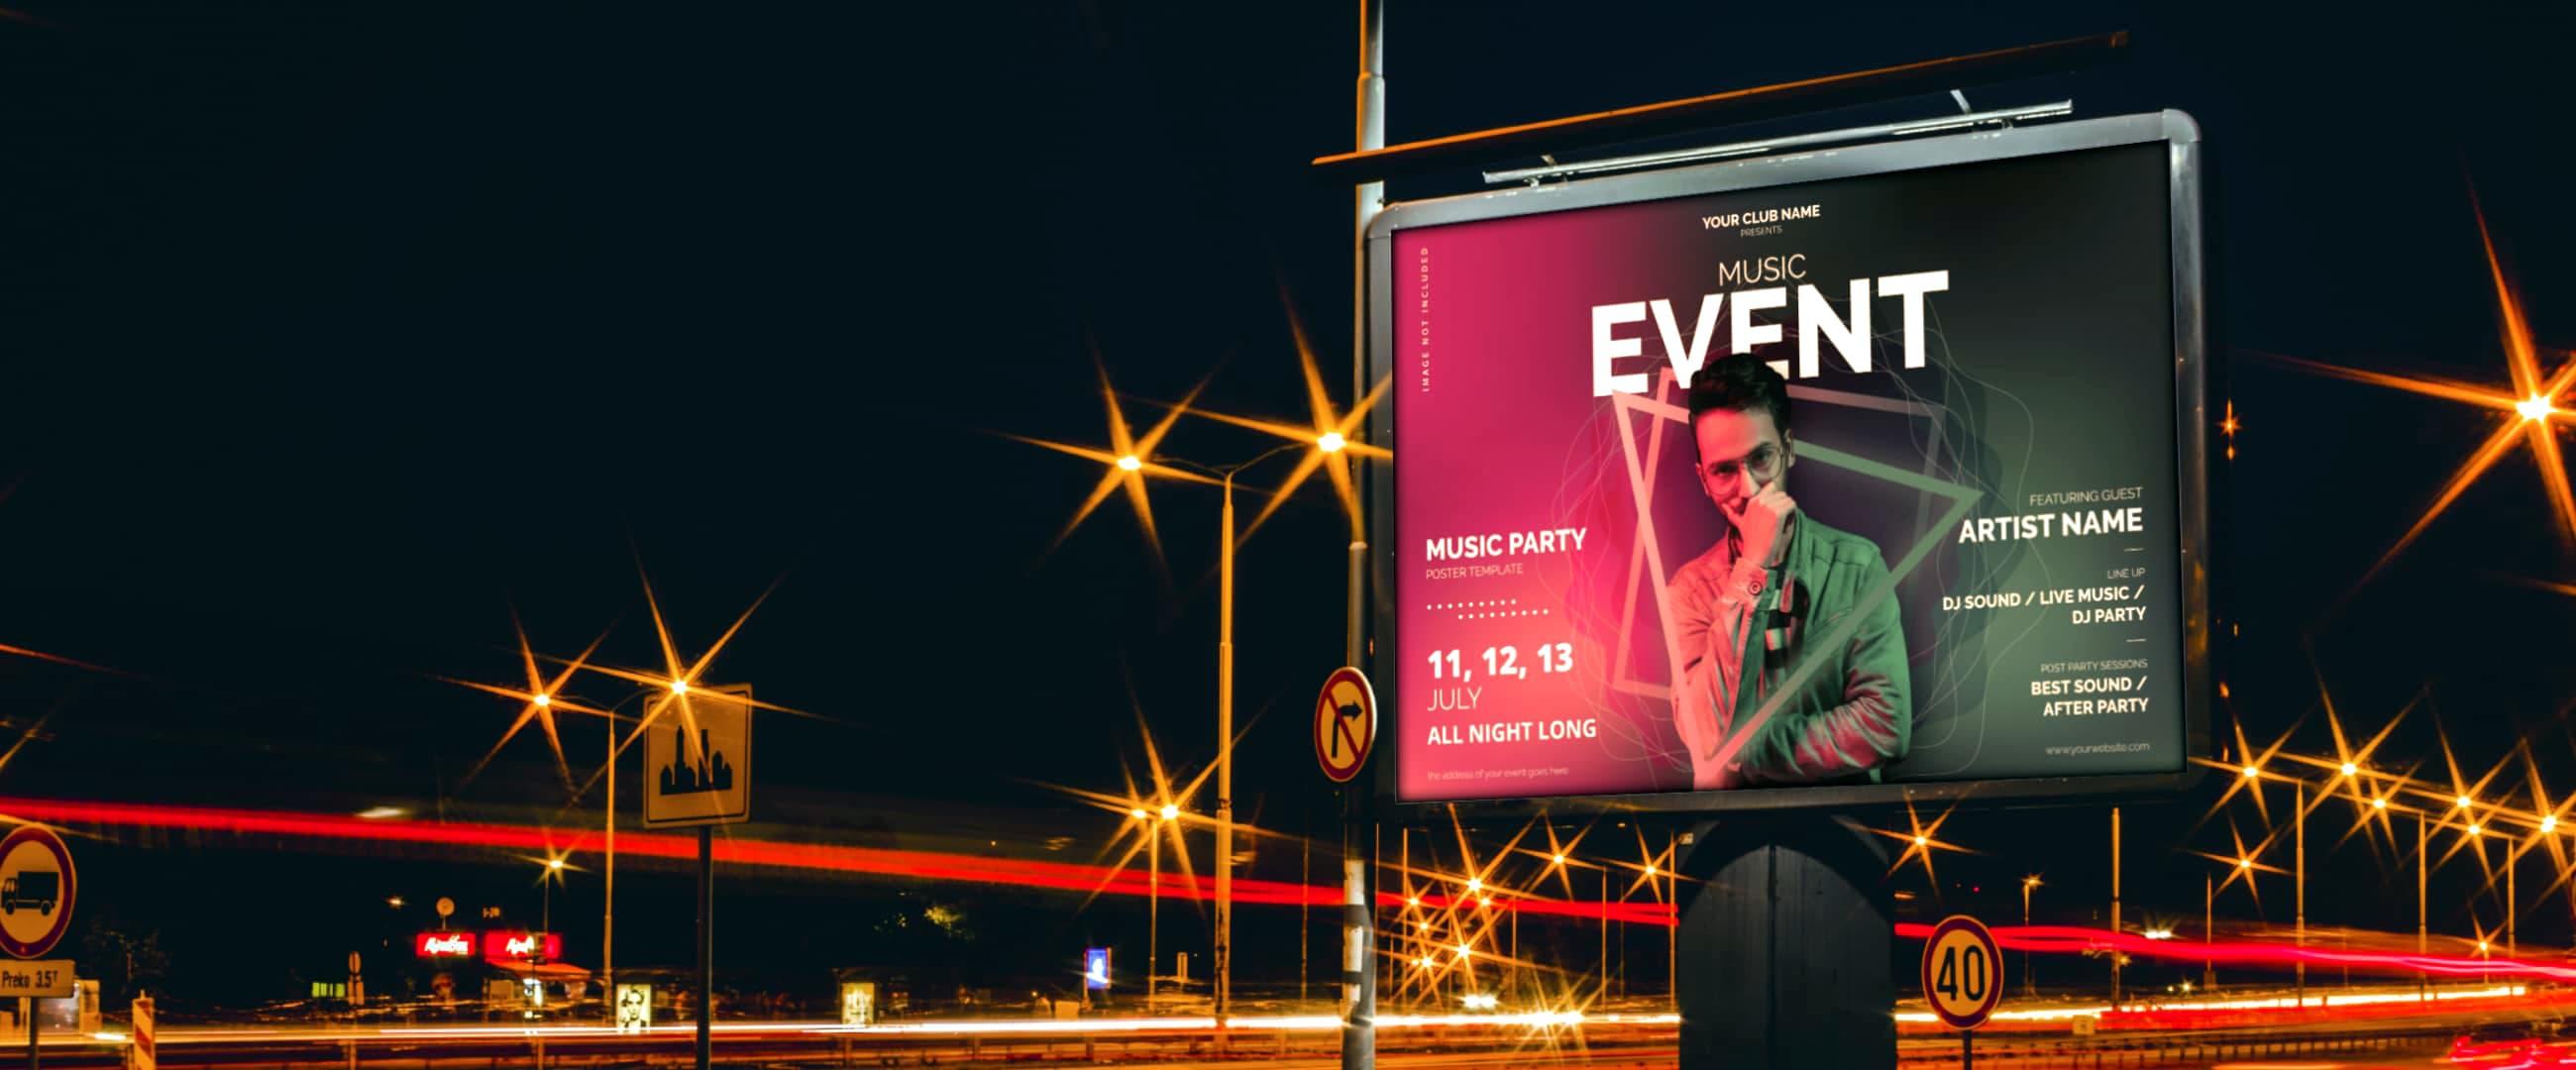 Reklama na billboardach w Toruniu, Bydgoszczy, Włocławsku, Inowrocławiu, Grudziądzu